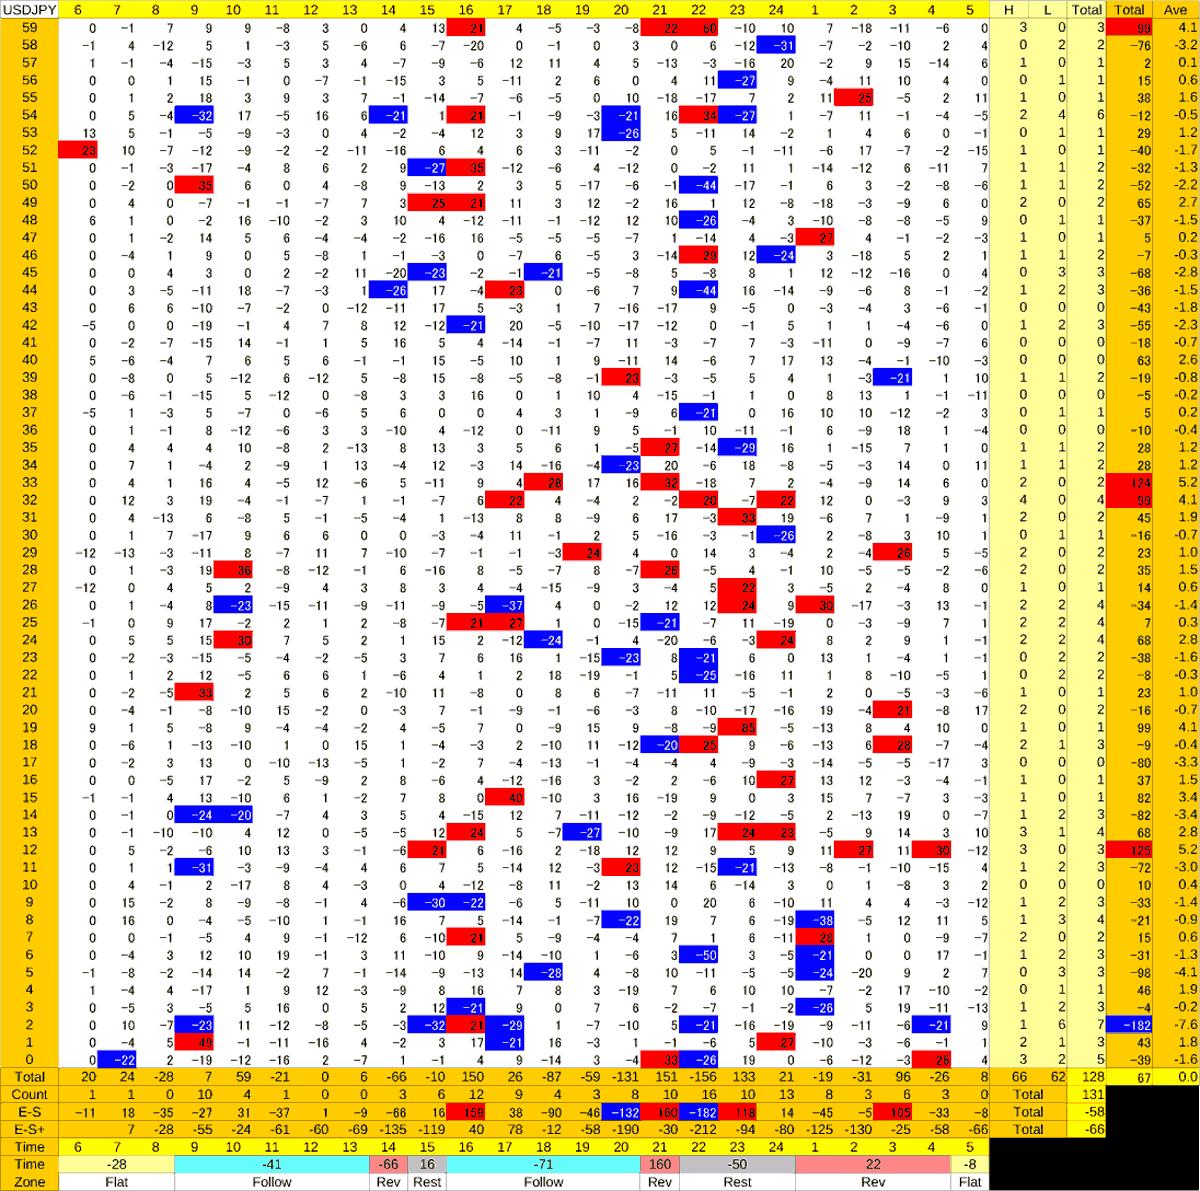 20200806_HS(1)USDJPY